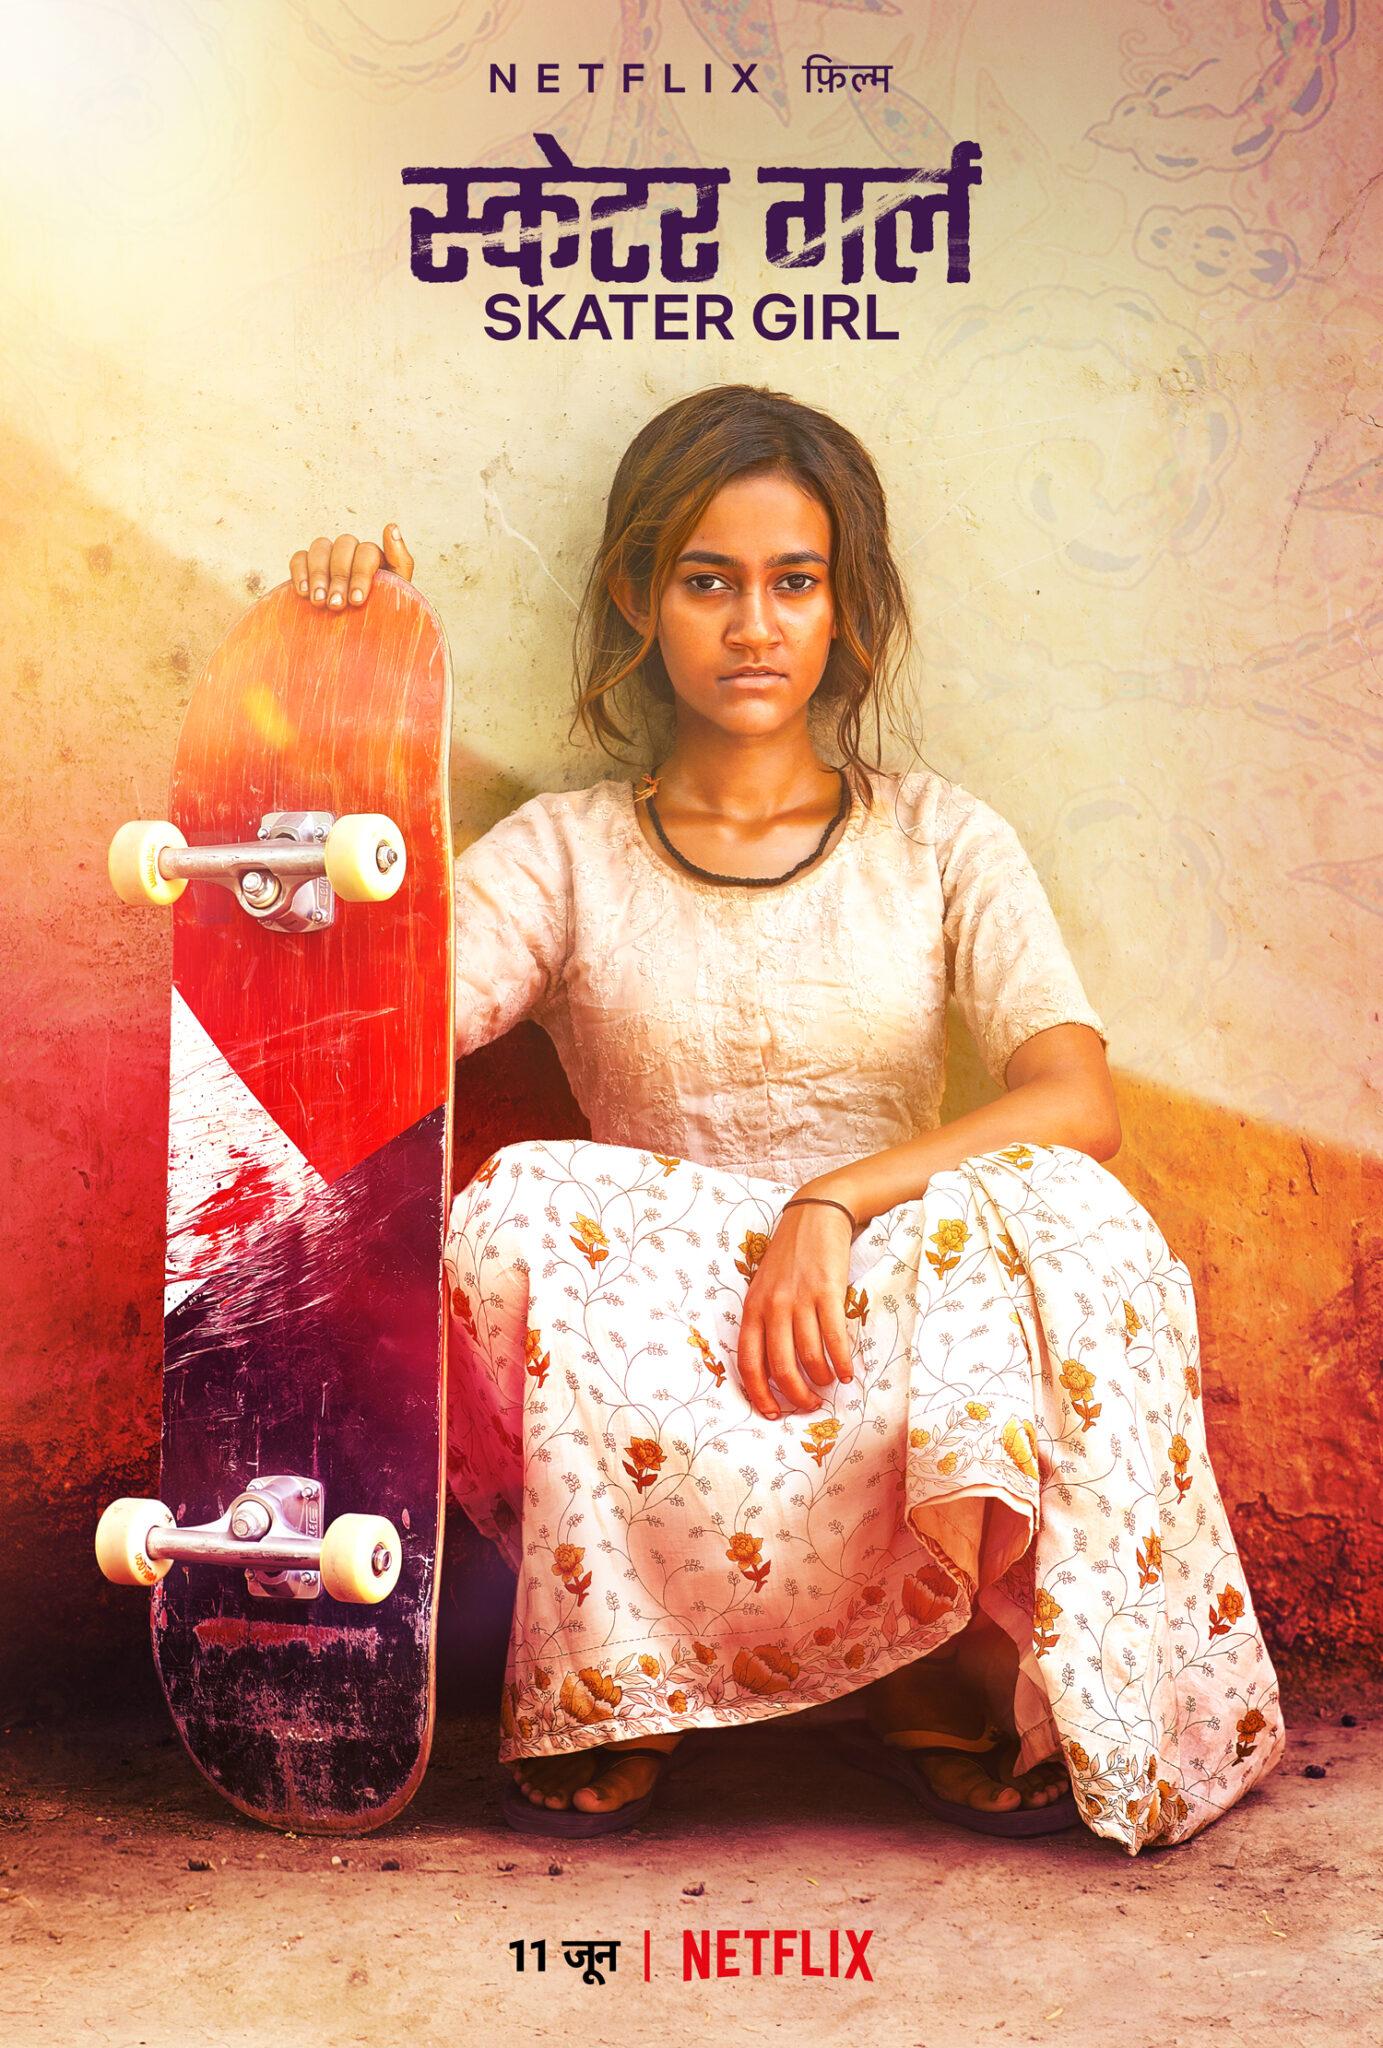 Das Poster von Skater Girl zeigt die Protagonistin Prerna vor einer Wand kniend mit einem roten Skateboard in der Hand.